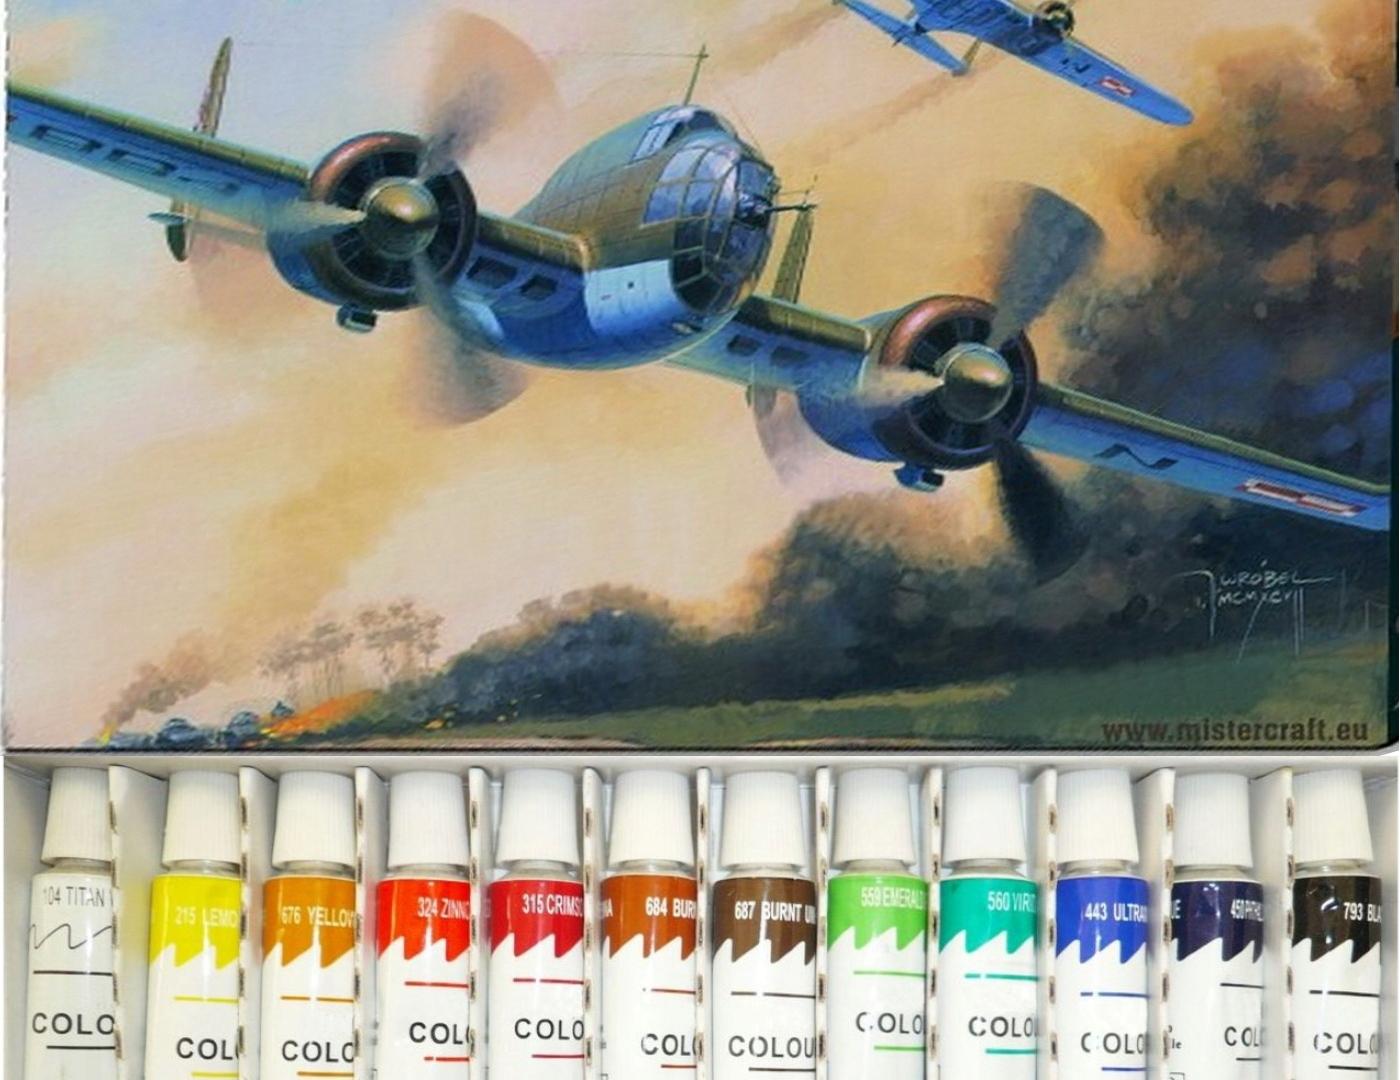 МОДЕЛЬ САМОЛЕТА ??? СКЛЕИВАНИЯ P-37B LOS + КРАСКА Клей